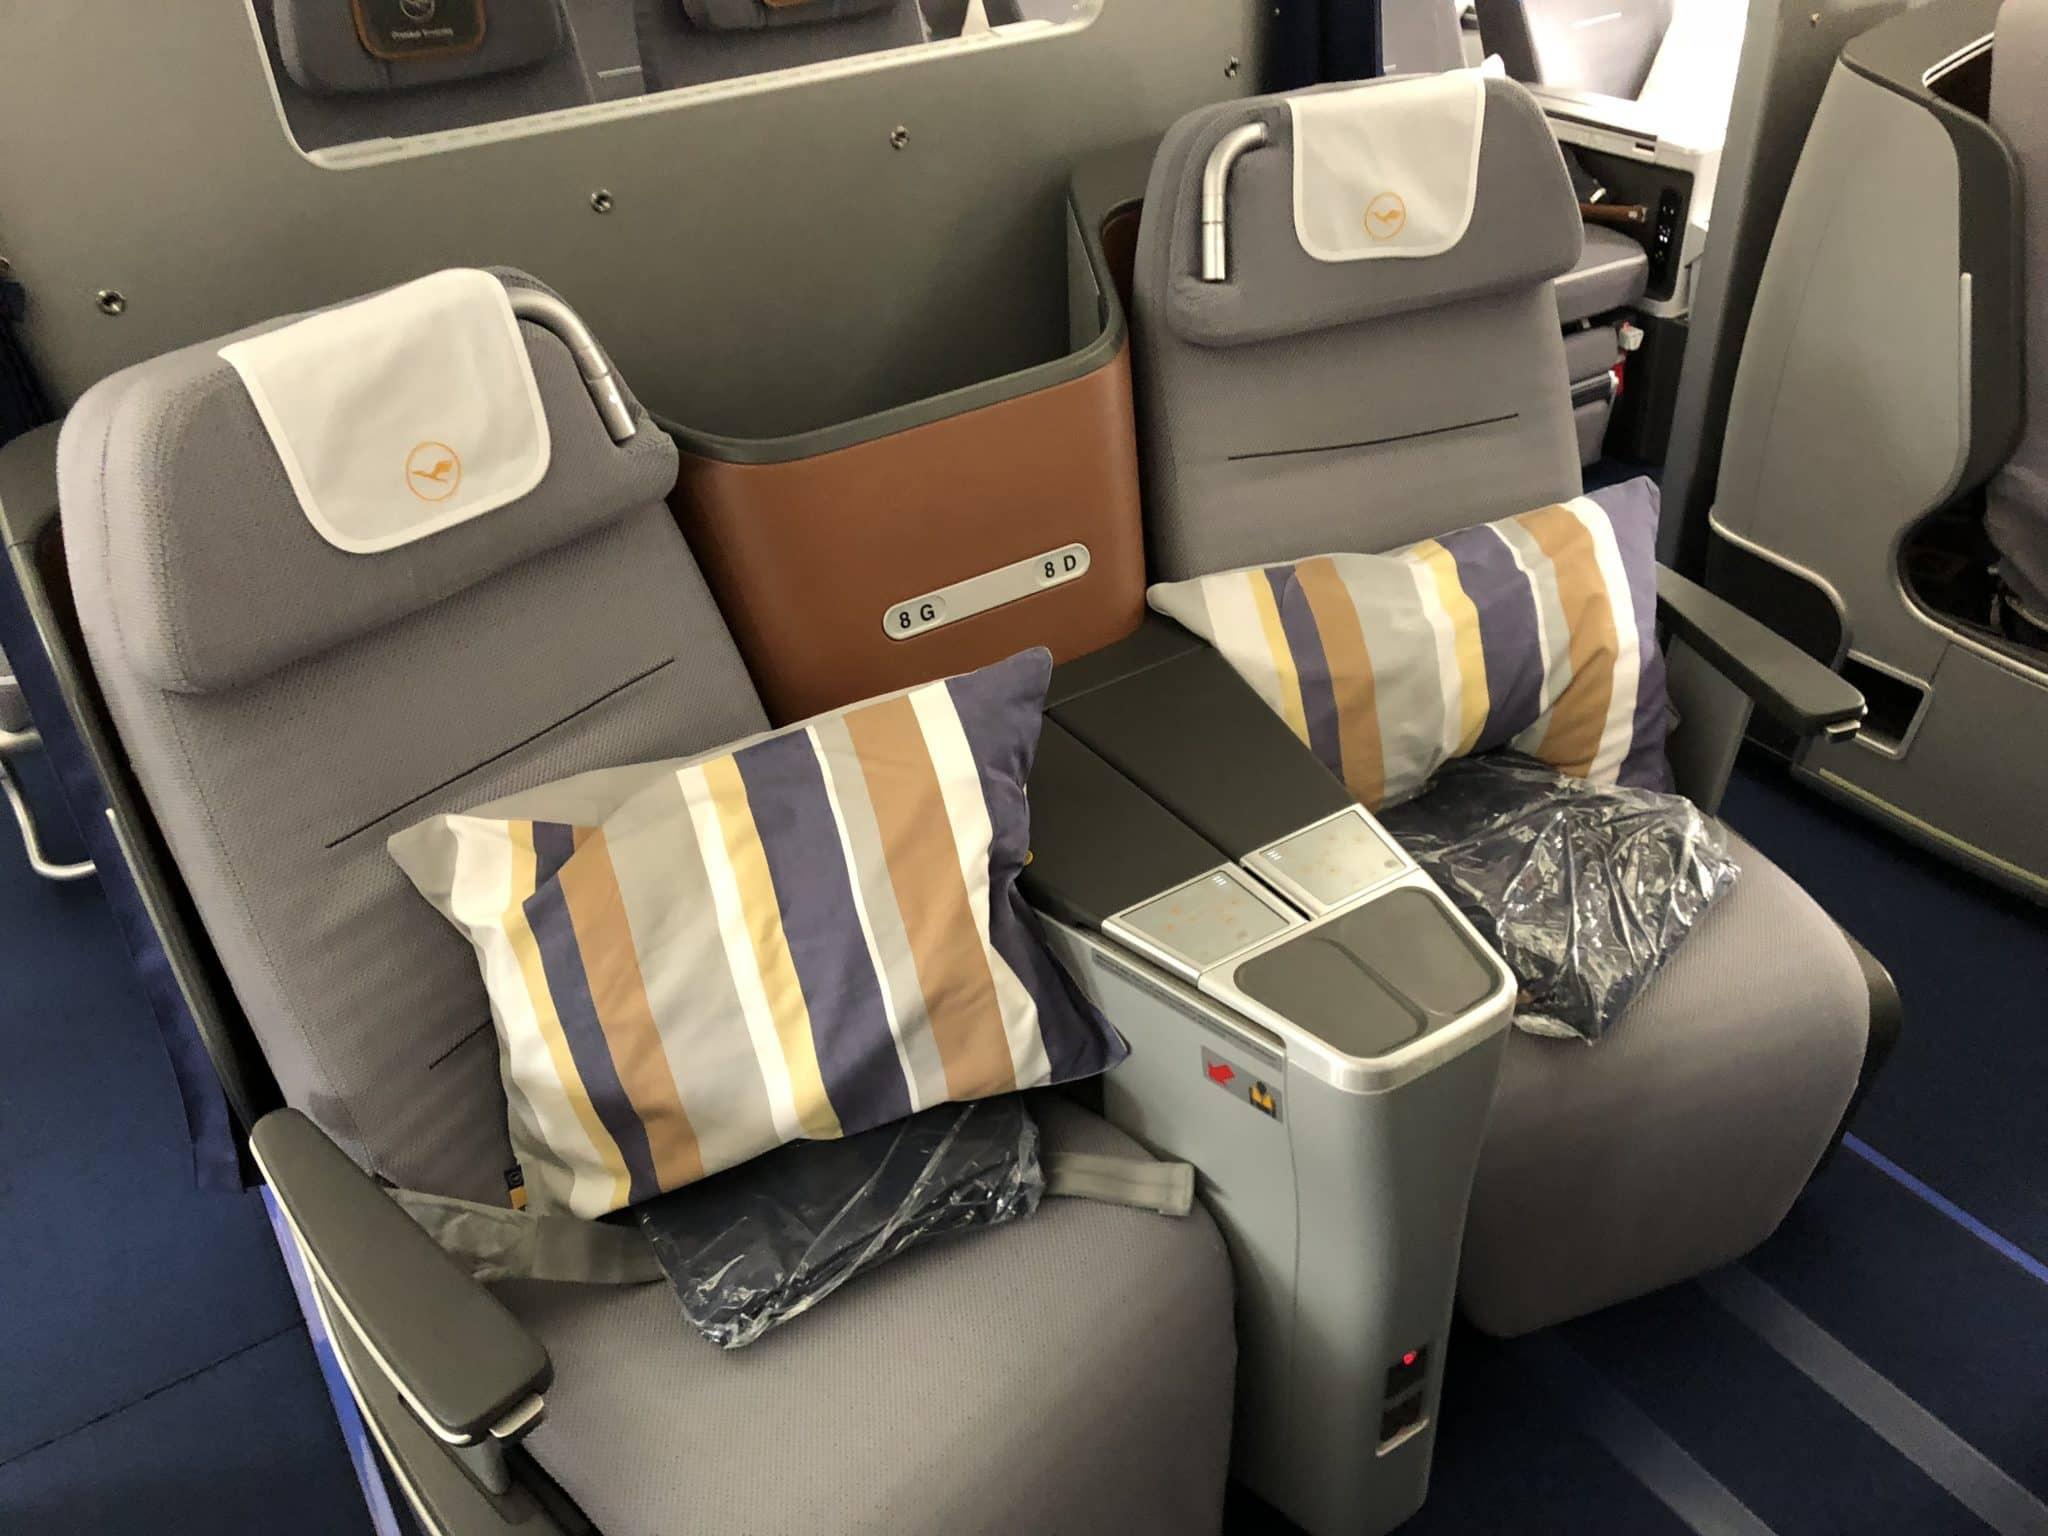 Class Class A350 Class A350 ReviewLufthansa ReviewLufthansa 900 900 Business Business Business ReviewLufthansa A350 PiXkZu